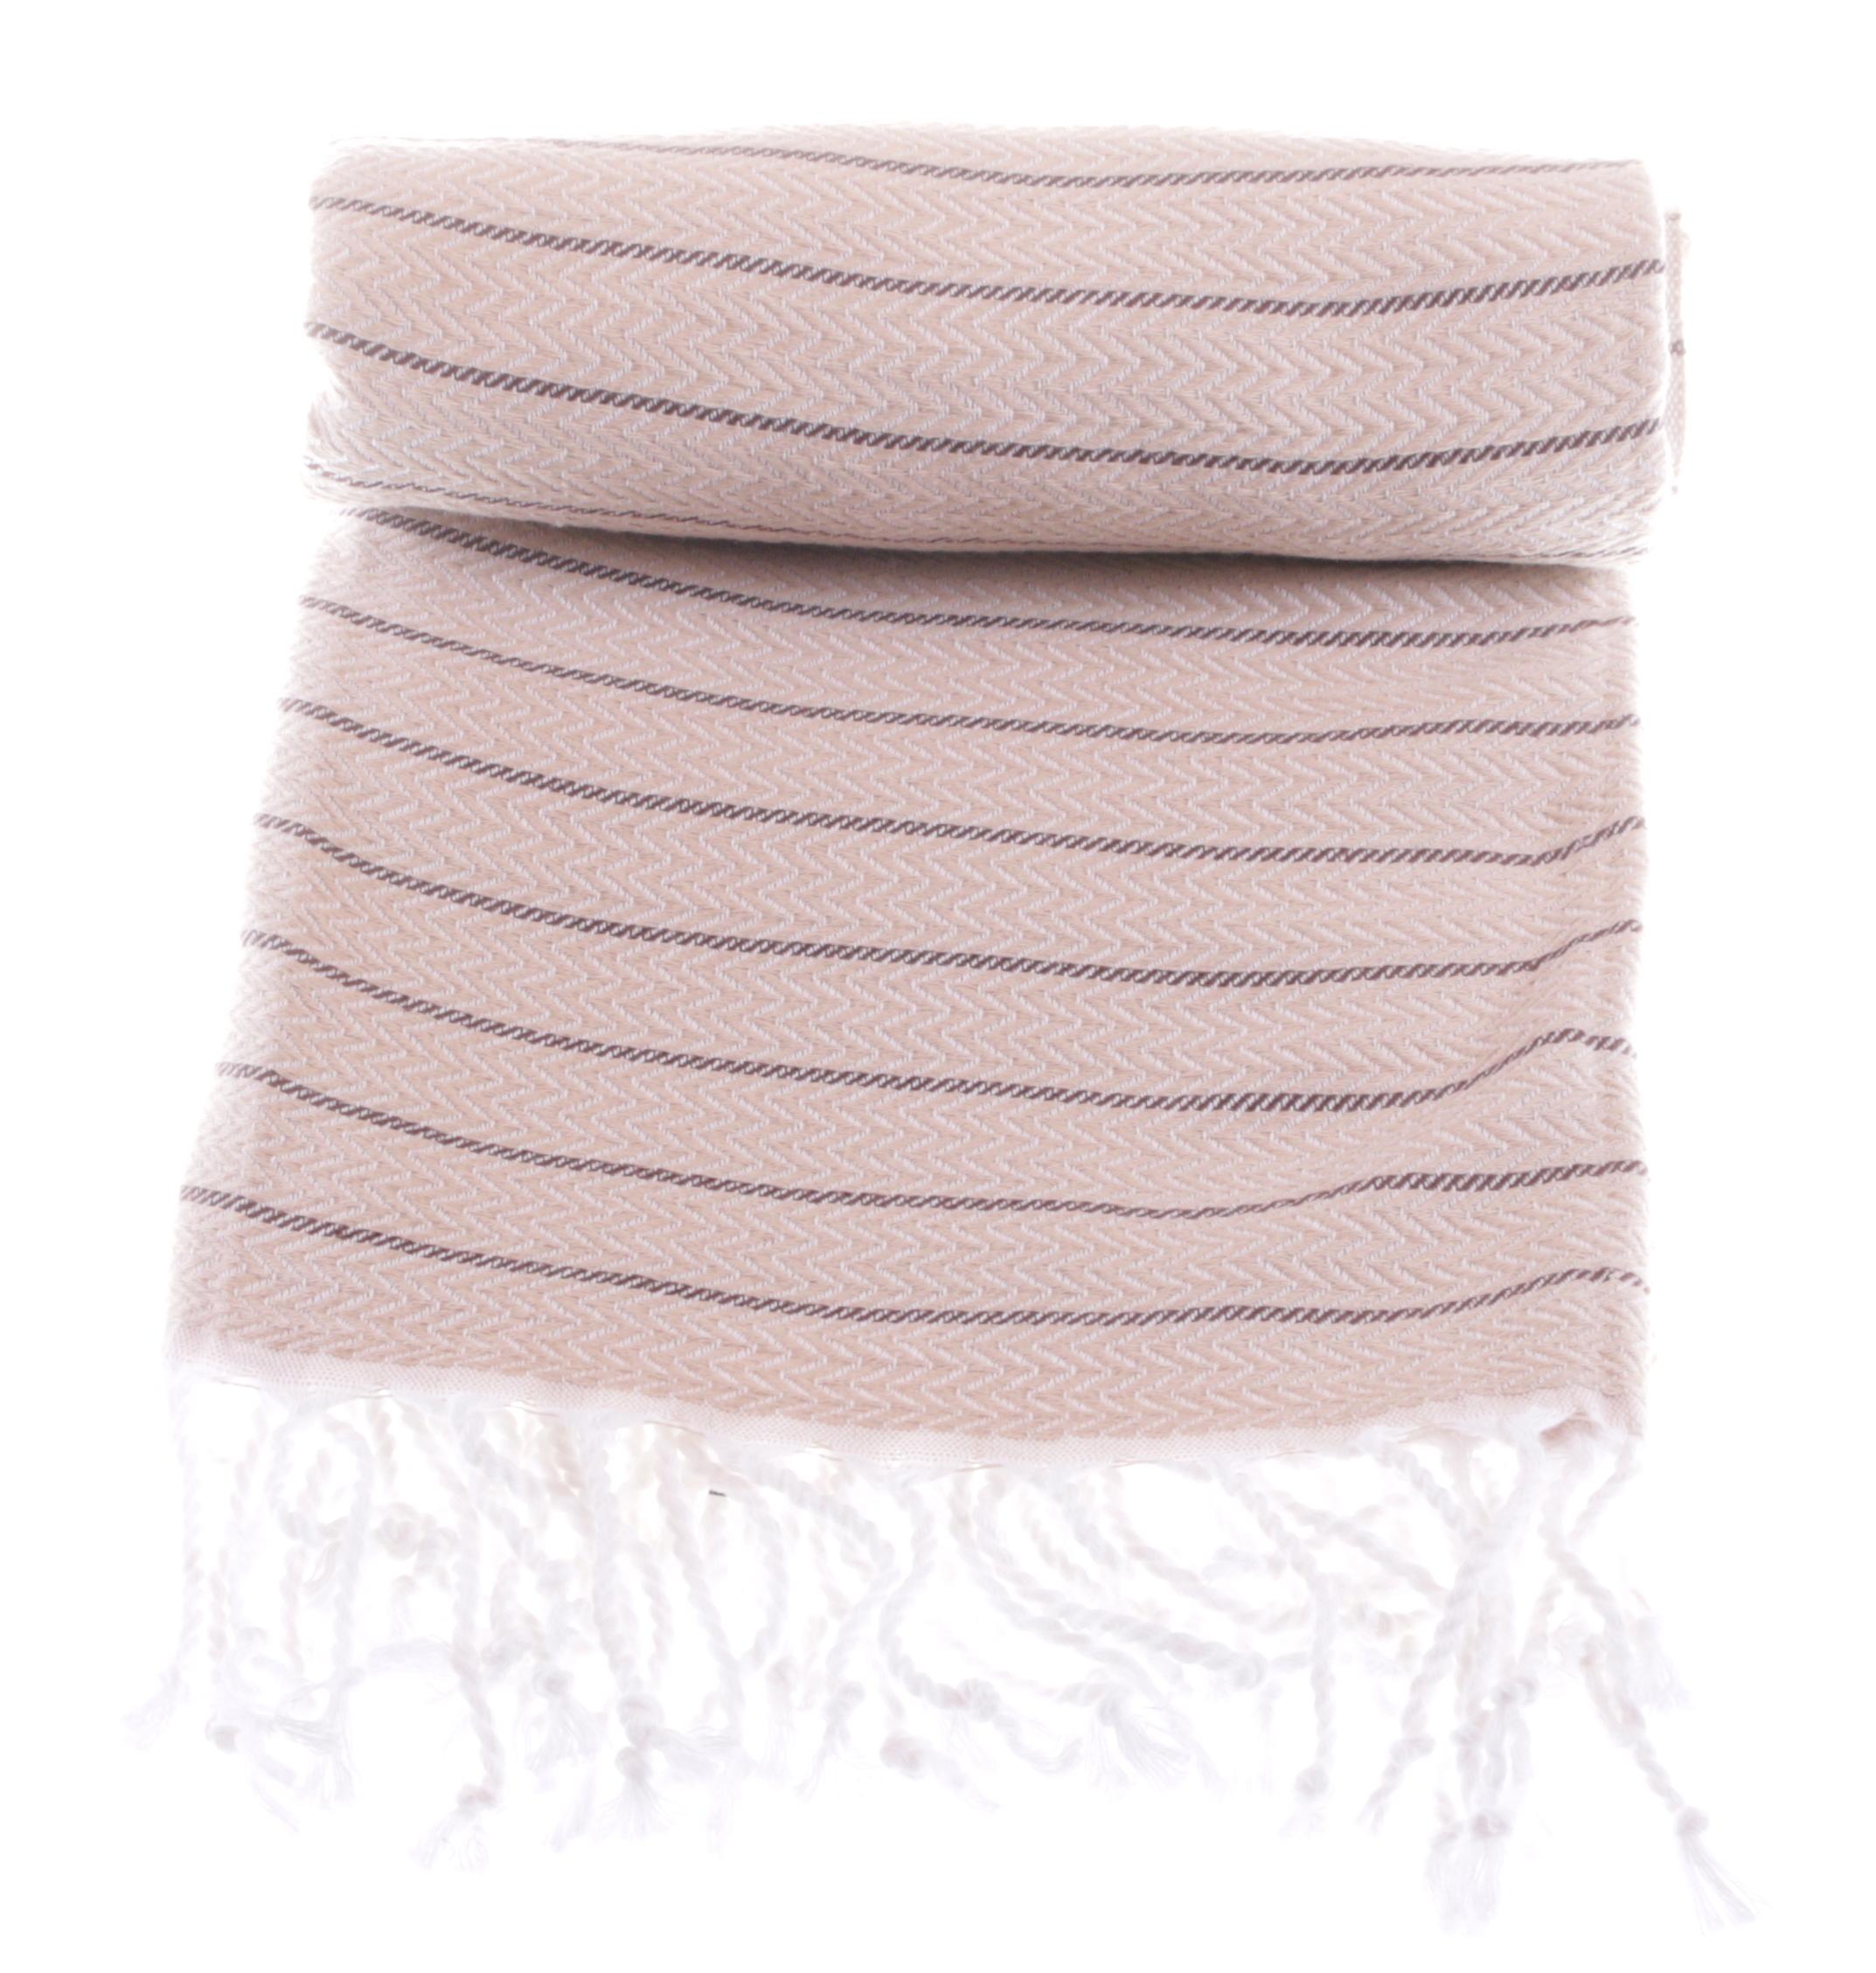 cotton towel in beige